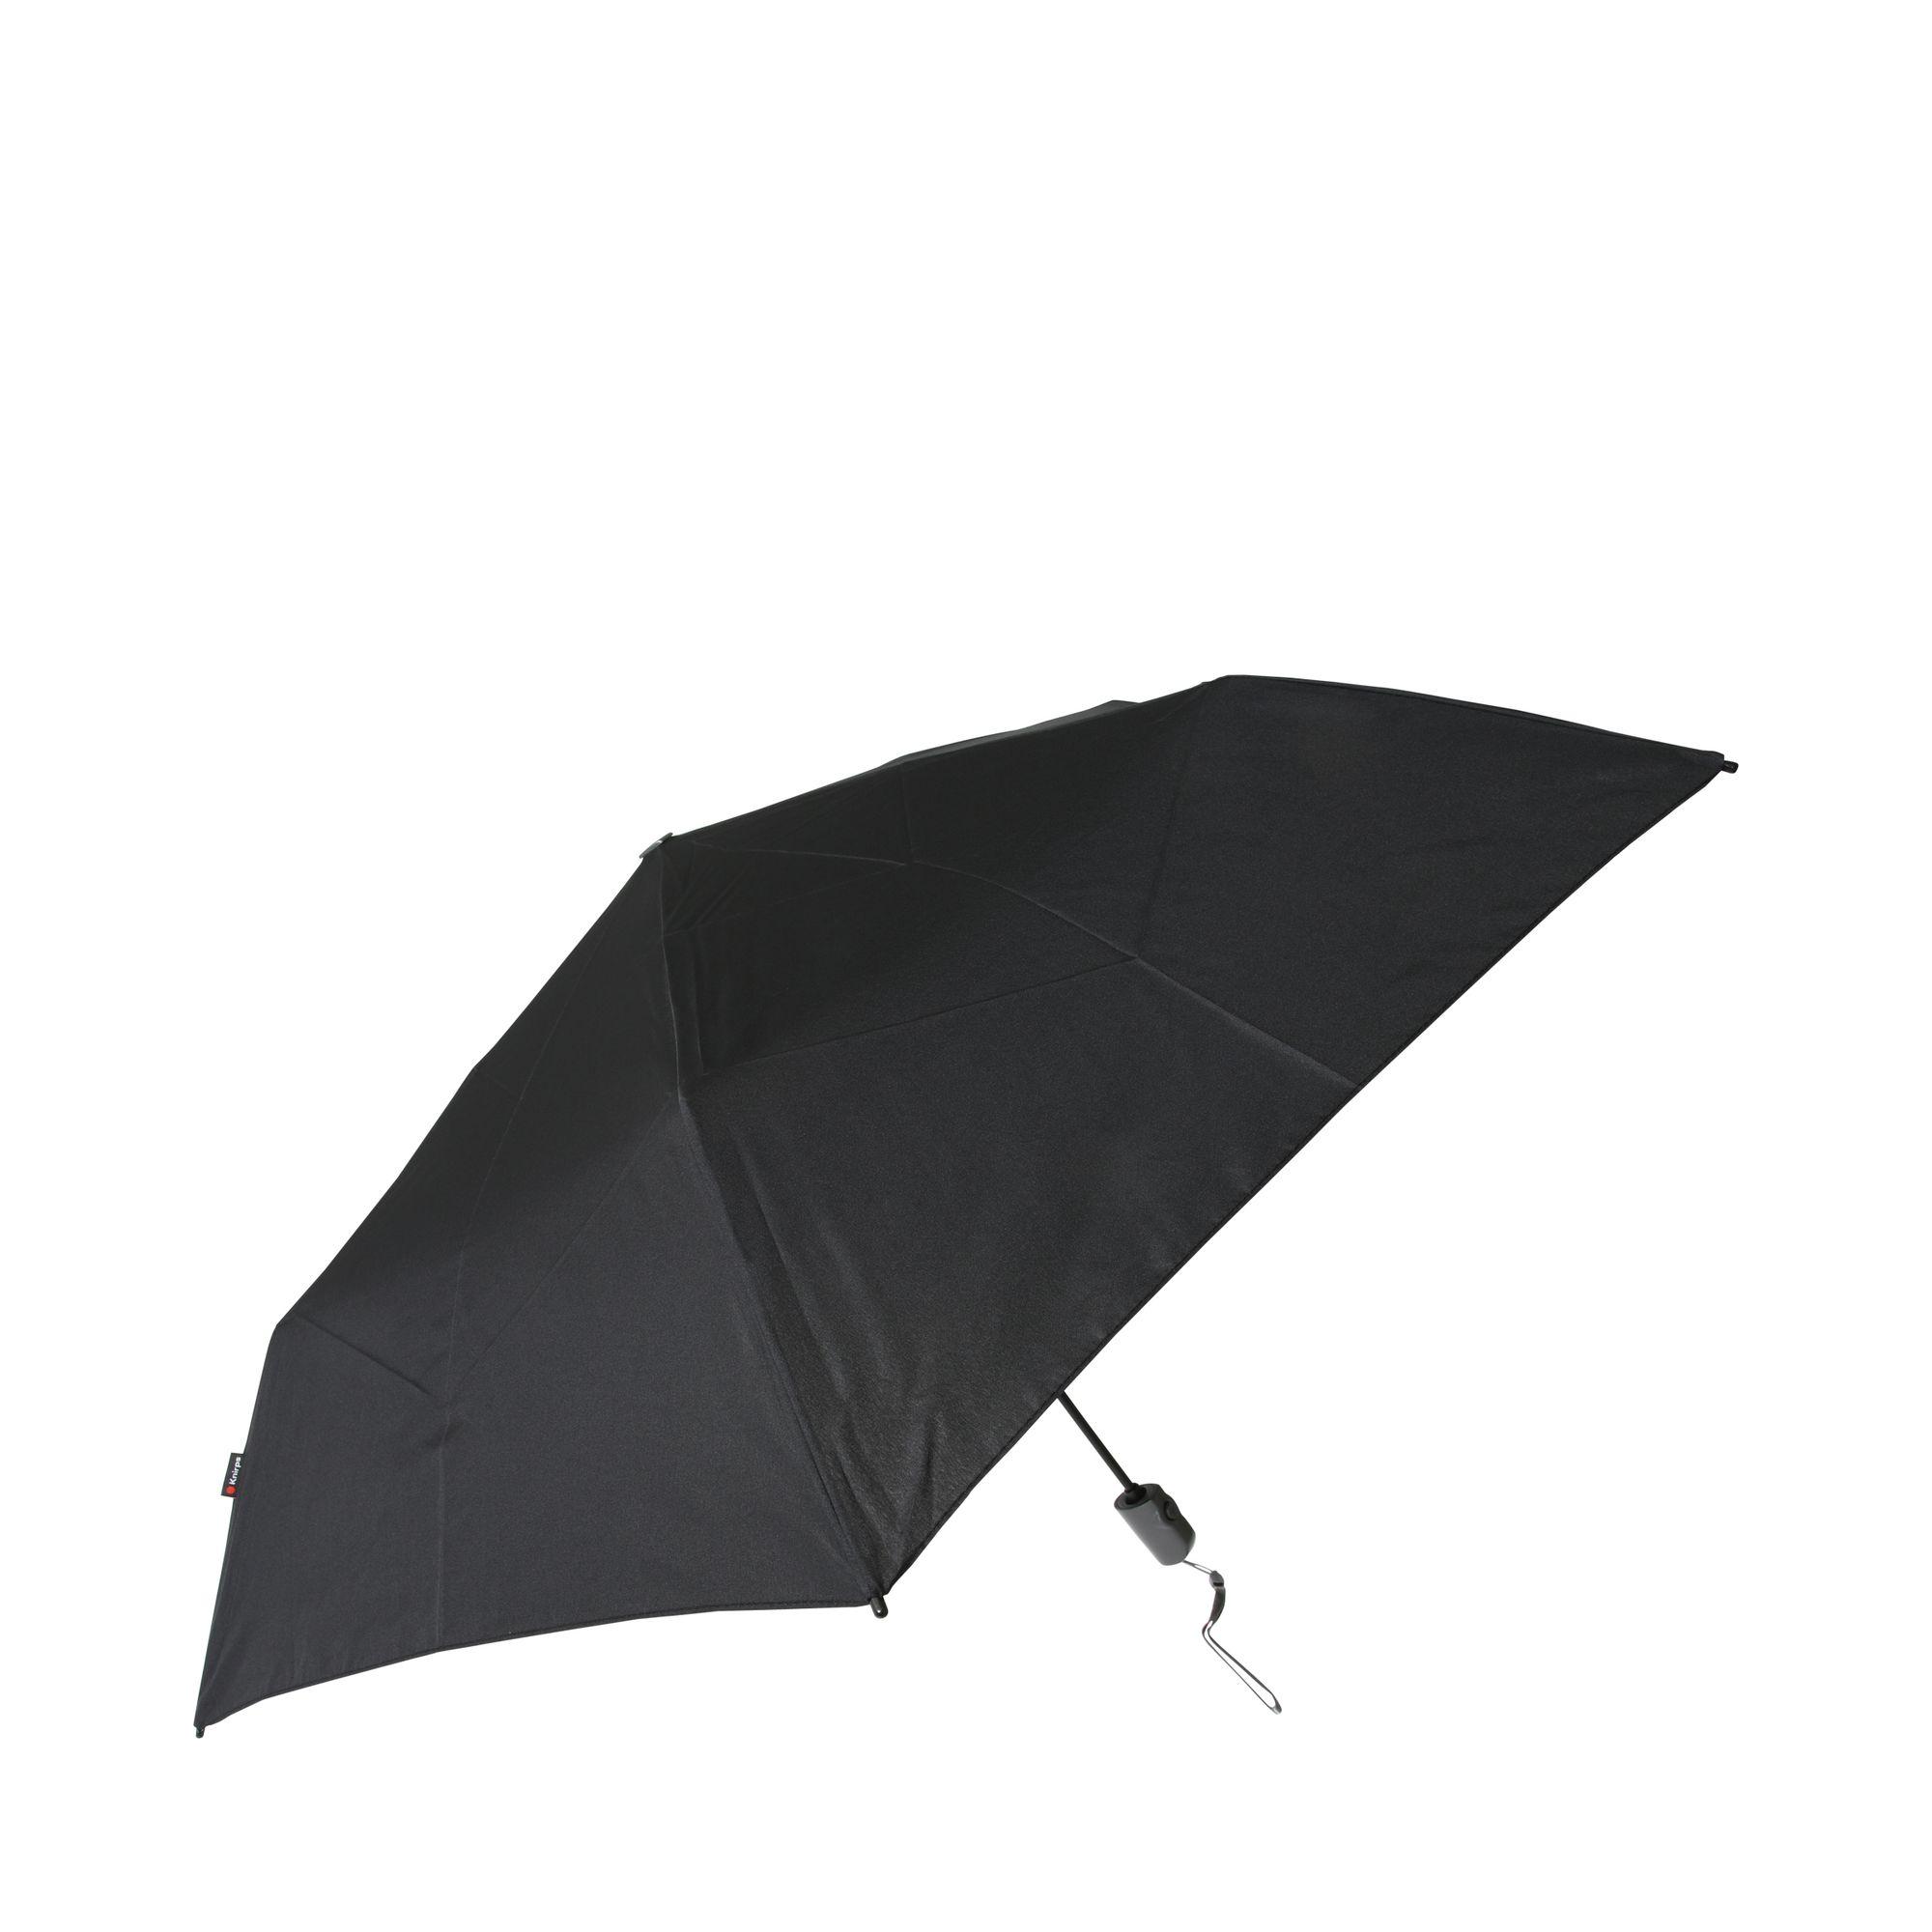 Knirps Flat paraply, Svart